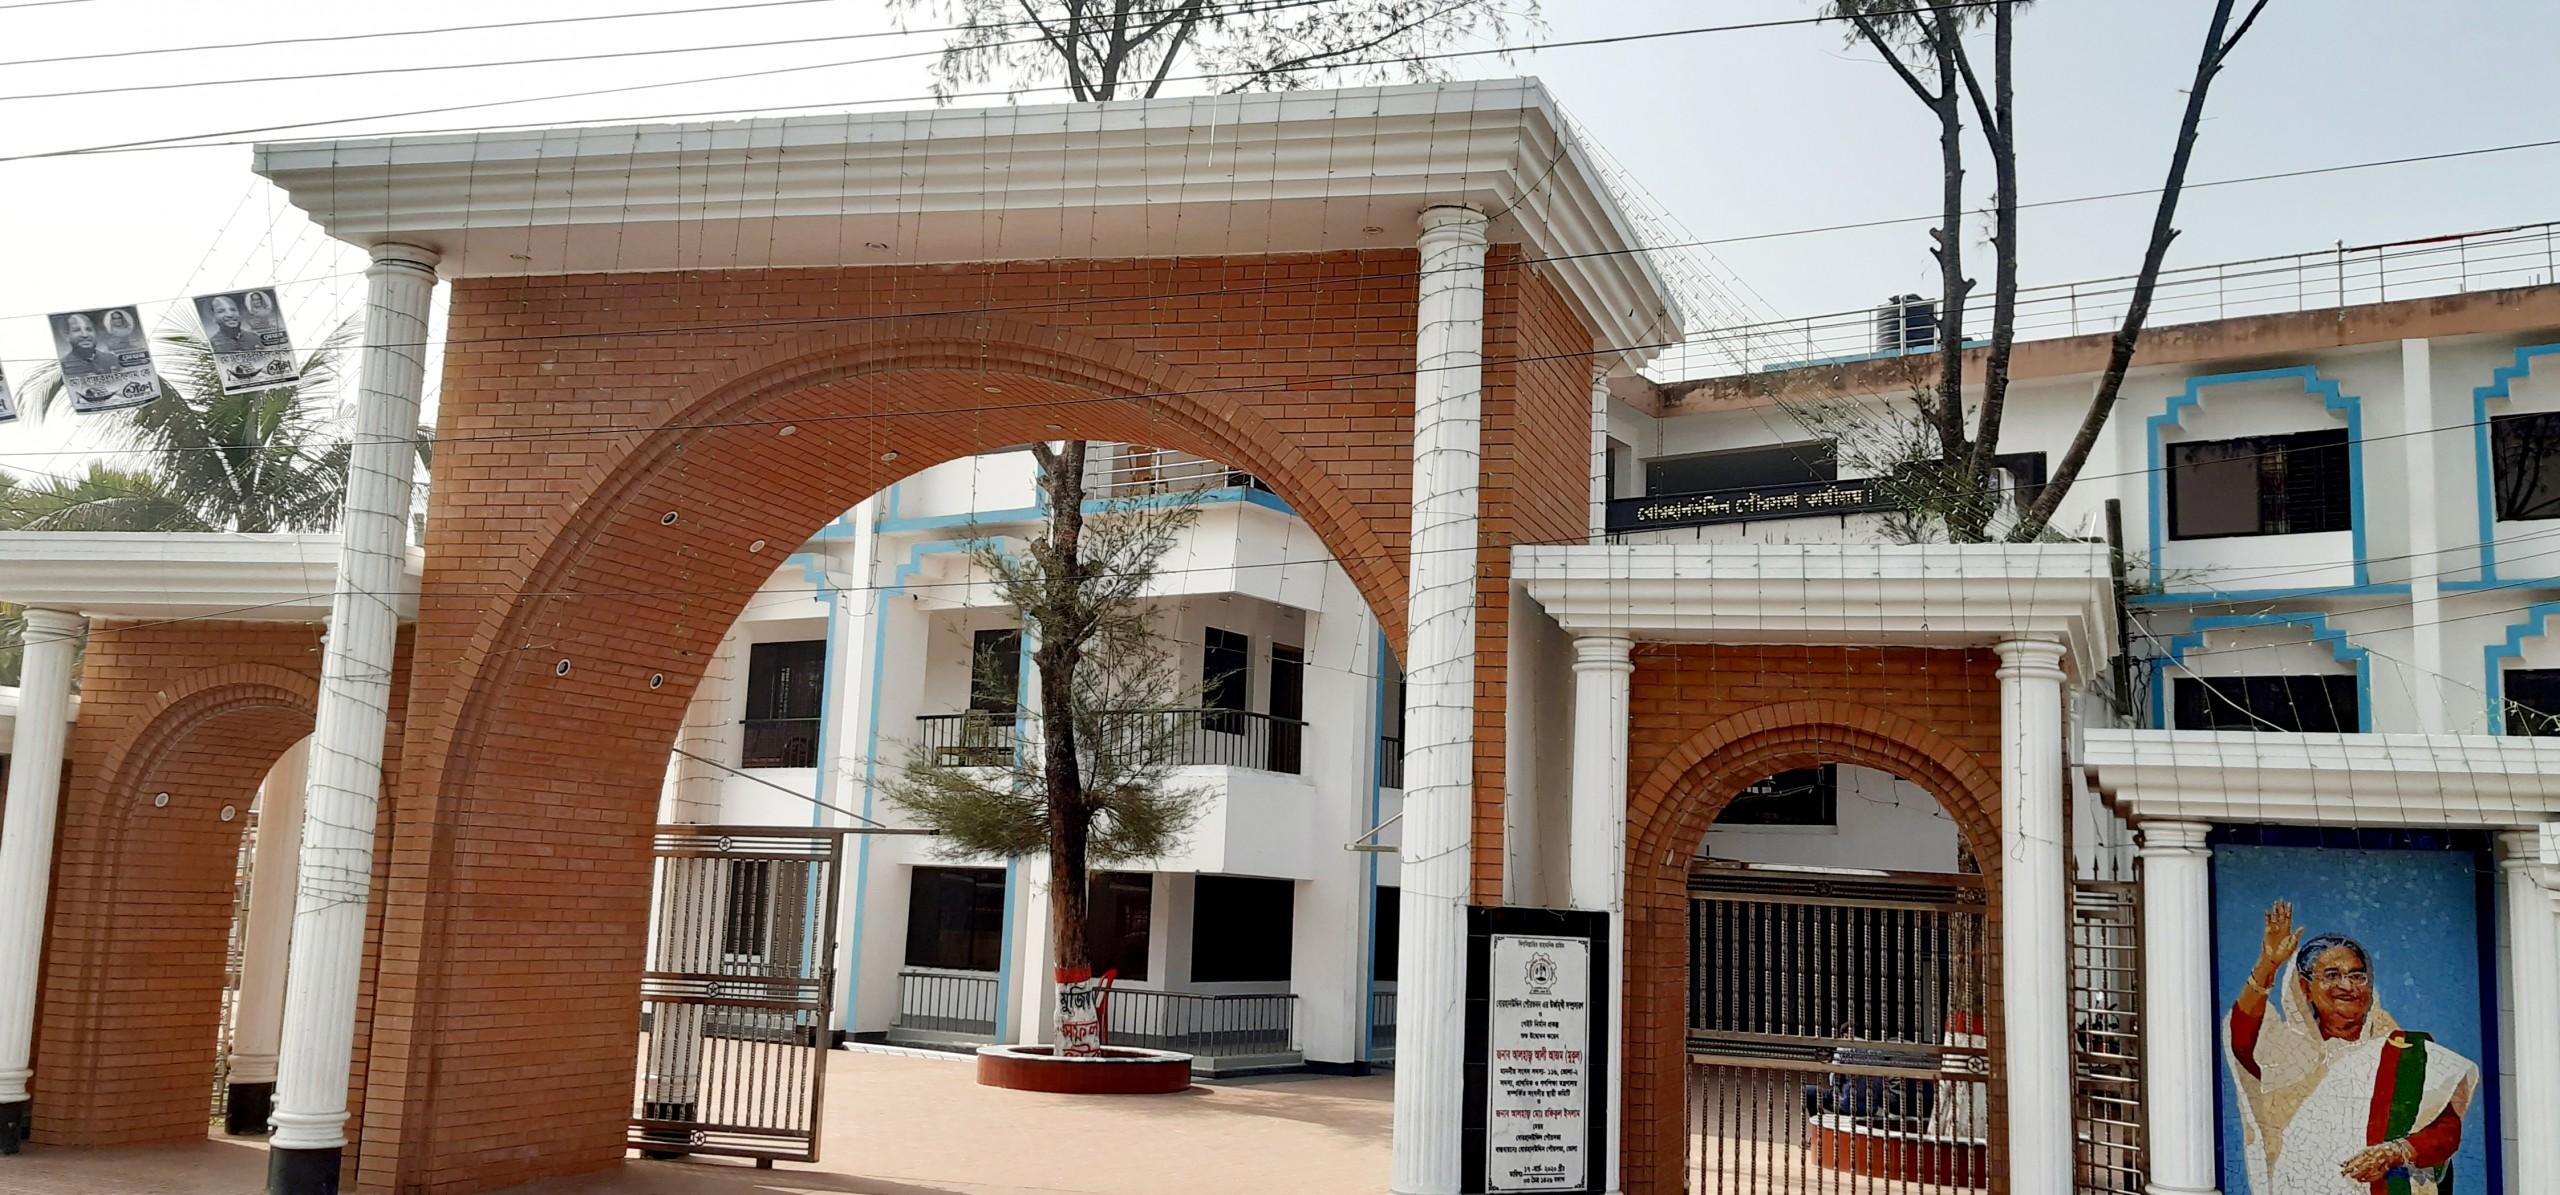 পৌর নির্বাচন: বোরহানউদ্দিনে সাধারণ কাউন্সিলর পদে আ'লীগ একাধিক প্রার্থী থাকায় স্বস্তিতে বিএনপি